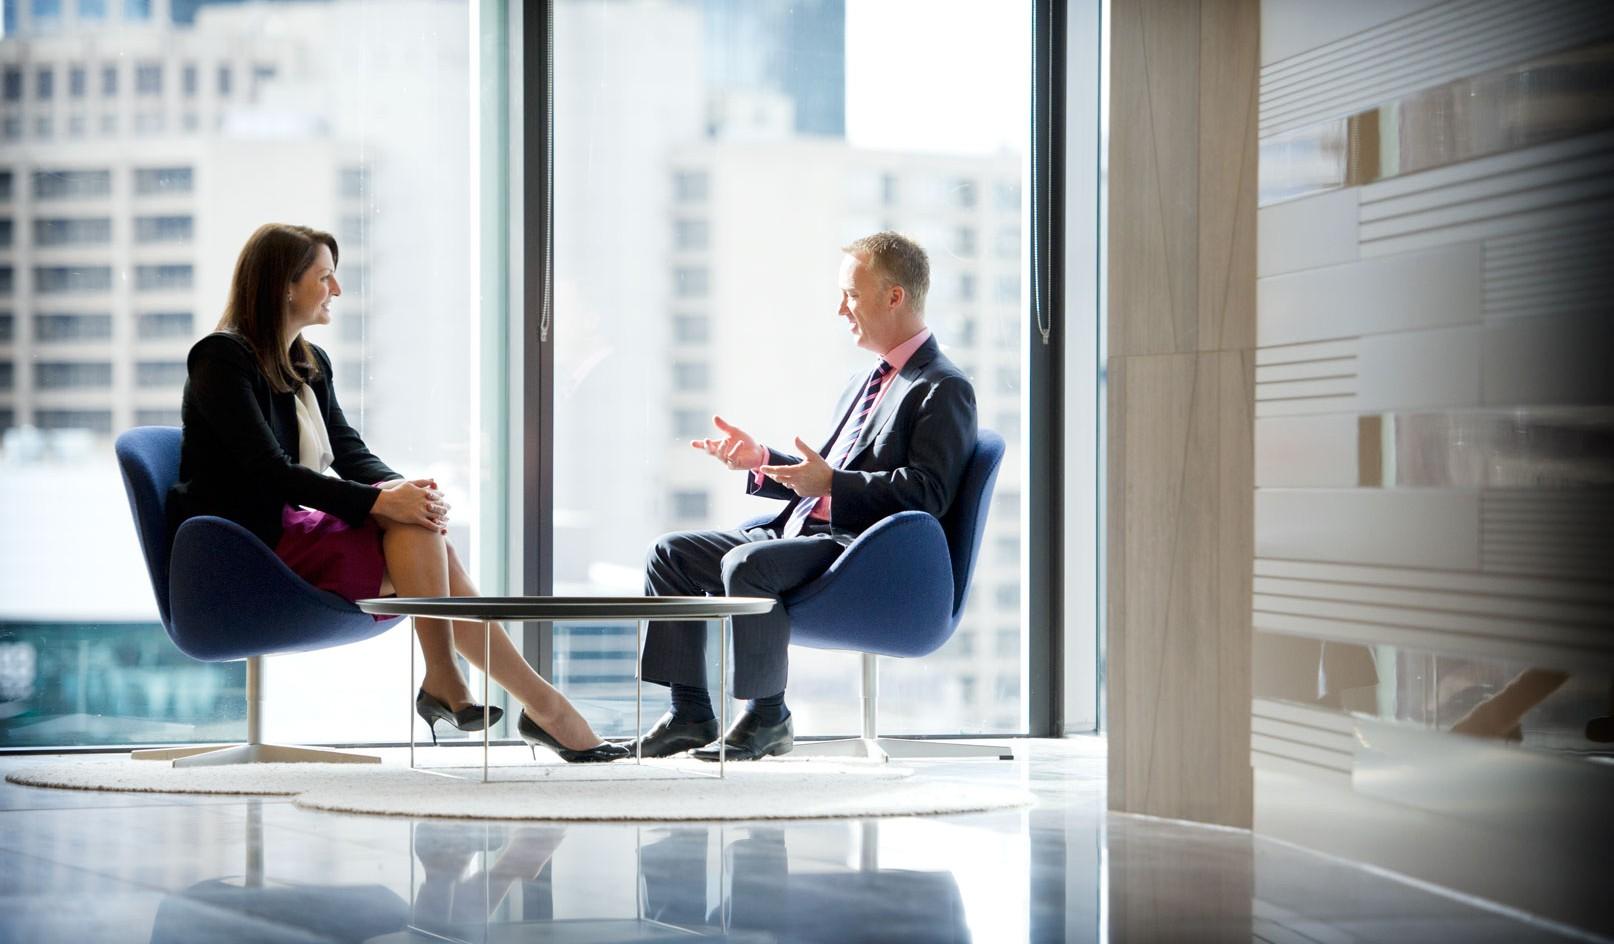 <div>Corporate</div><div> <a href='https://nedmeldrum.com.au/project/mercer-ceo/'>View Series</a></div>